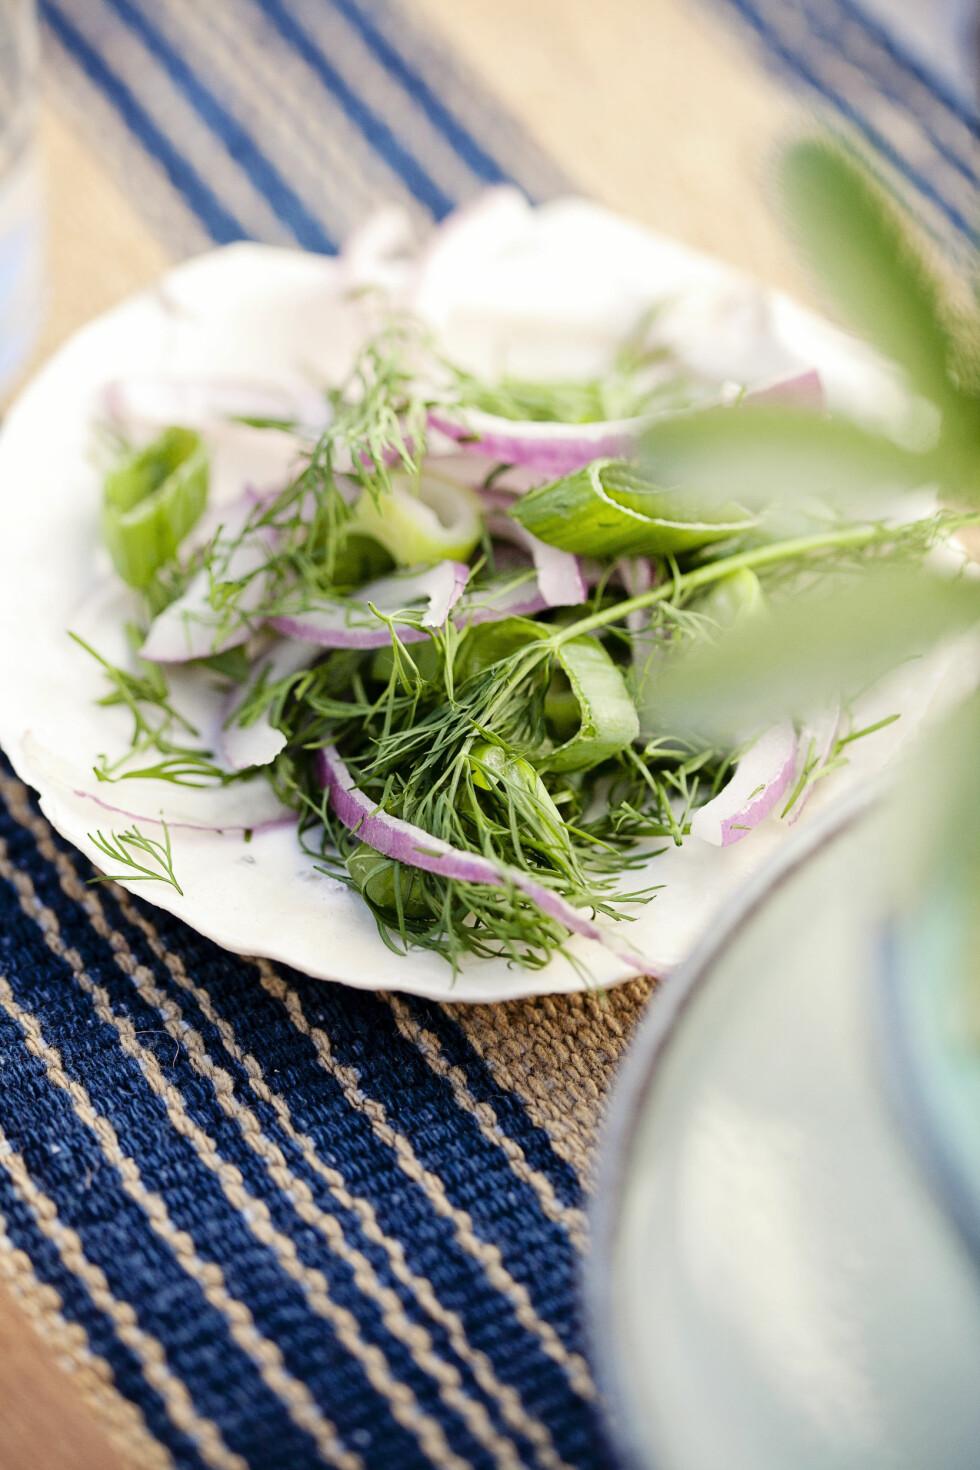 SUPERENKEL SALAT: Denne løksalaten smaker fantastisk sammen med skalldyr! Foto: Jorunn Tharaldsen